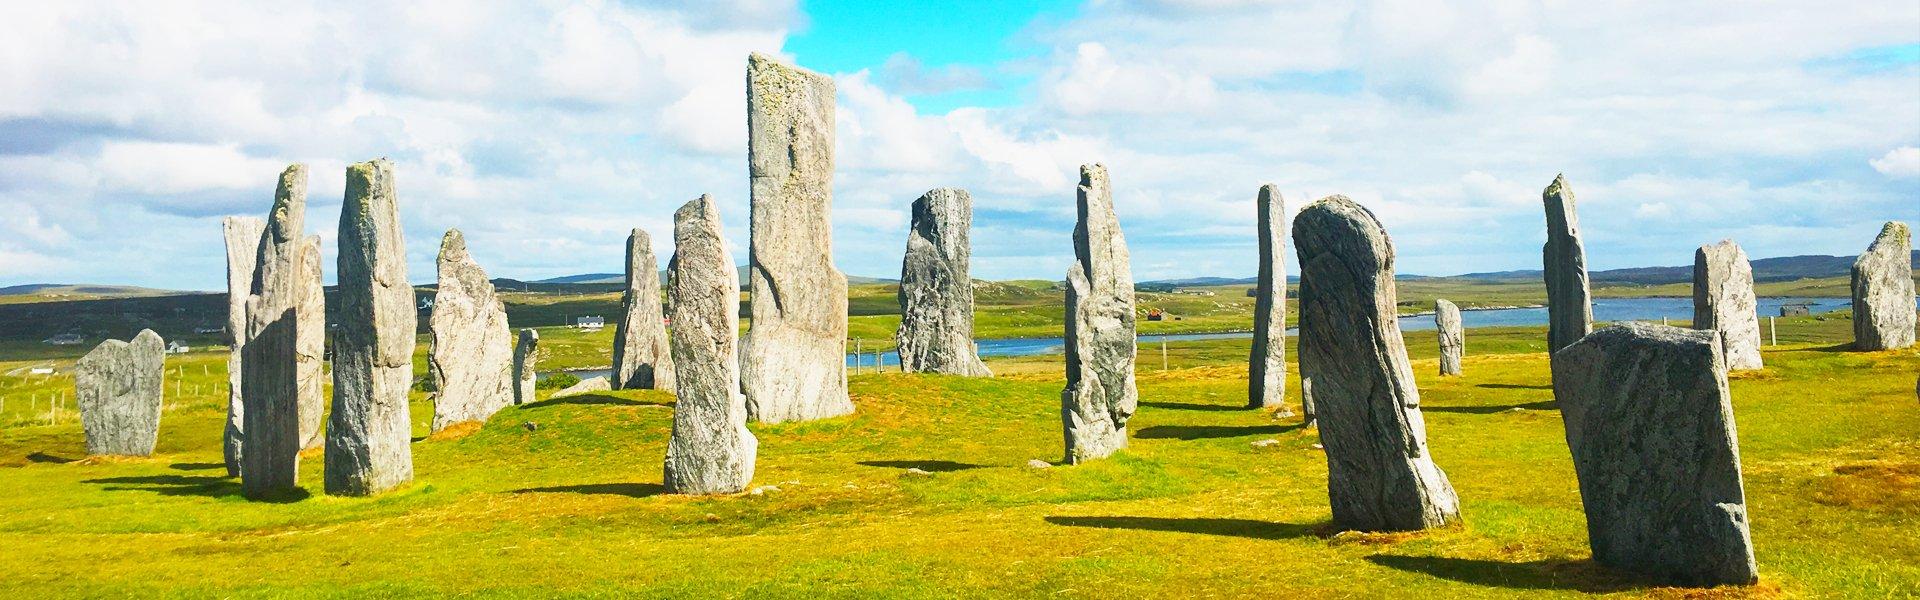 Staande stenen, Groot-Brittannië